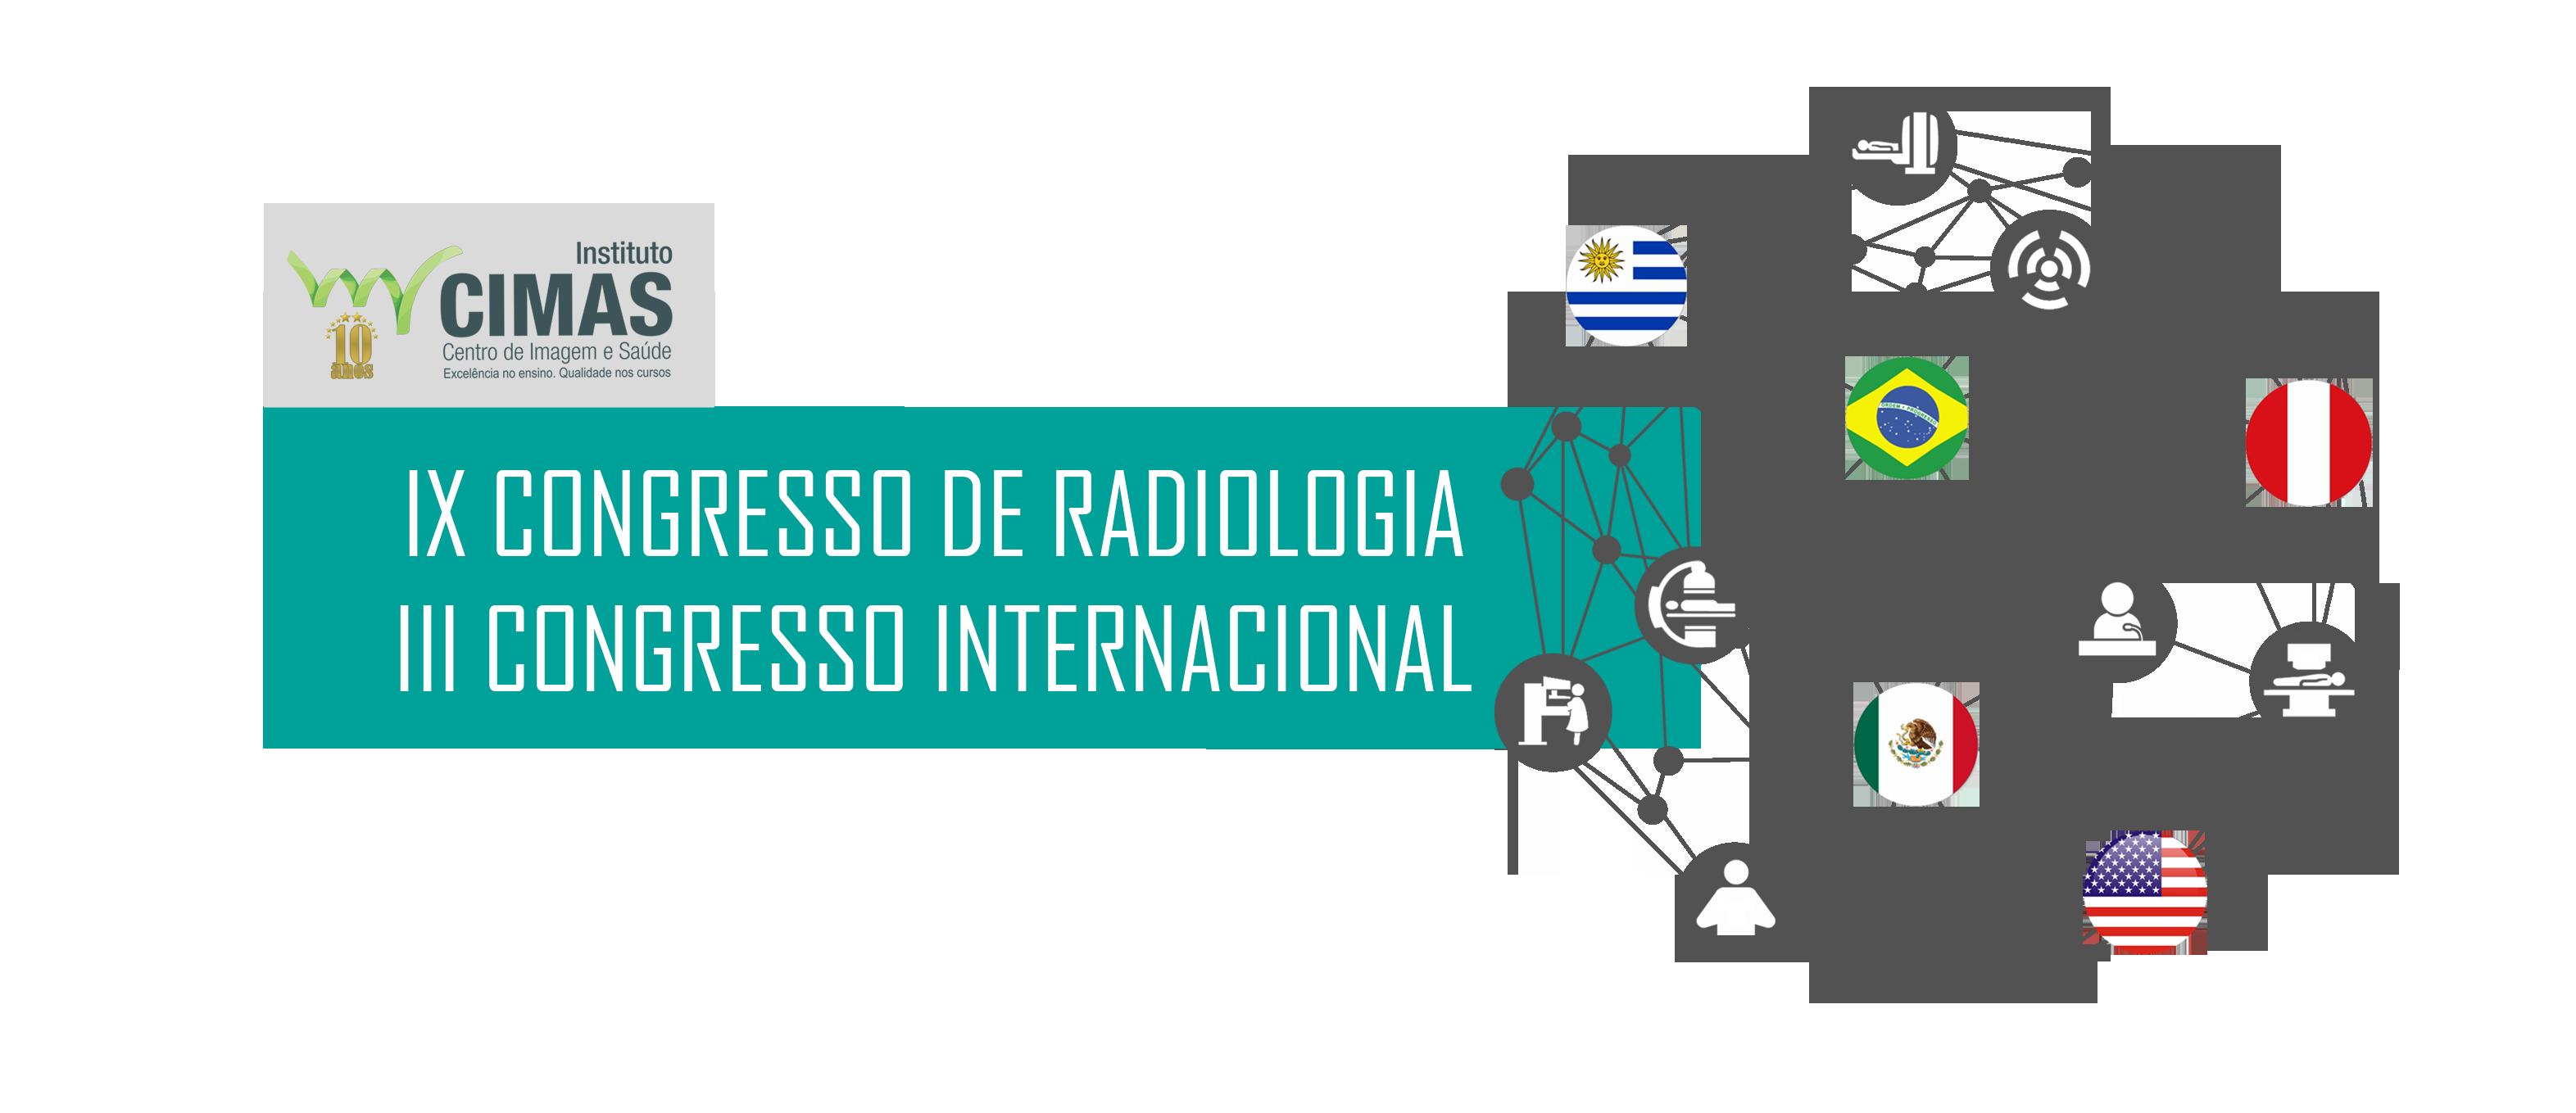 VIII Congresso de Radiologia e III Congresso Internacional do Instituto Cimas